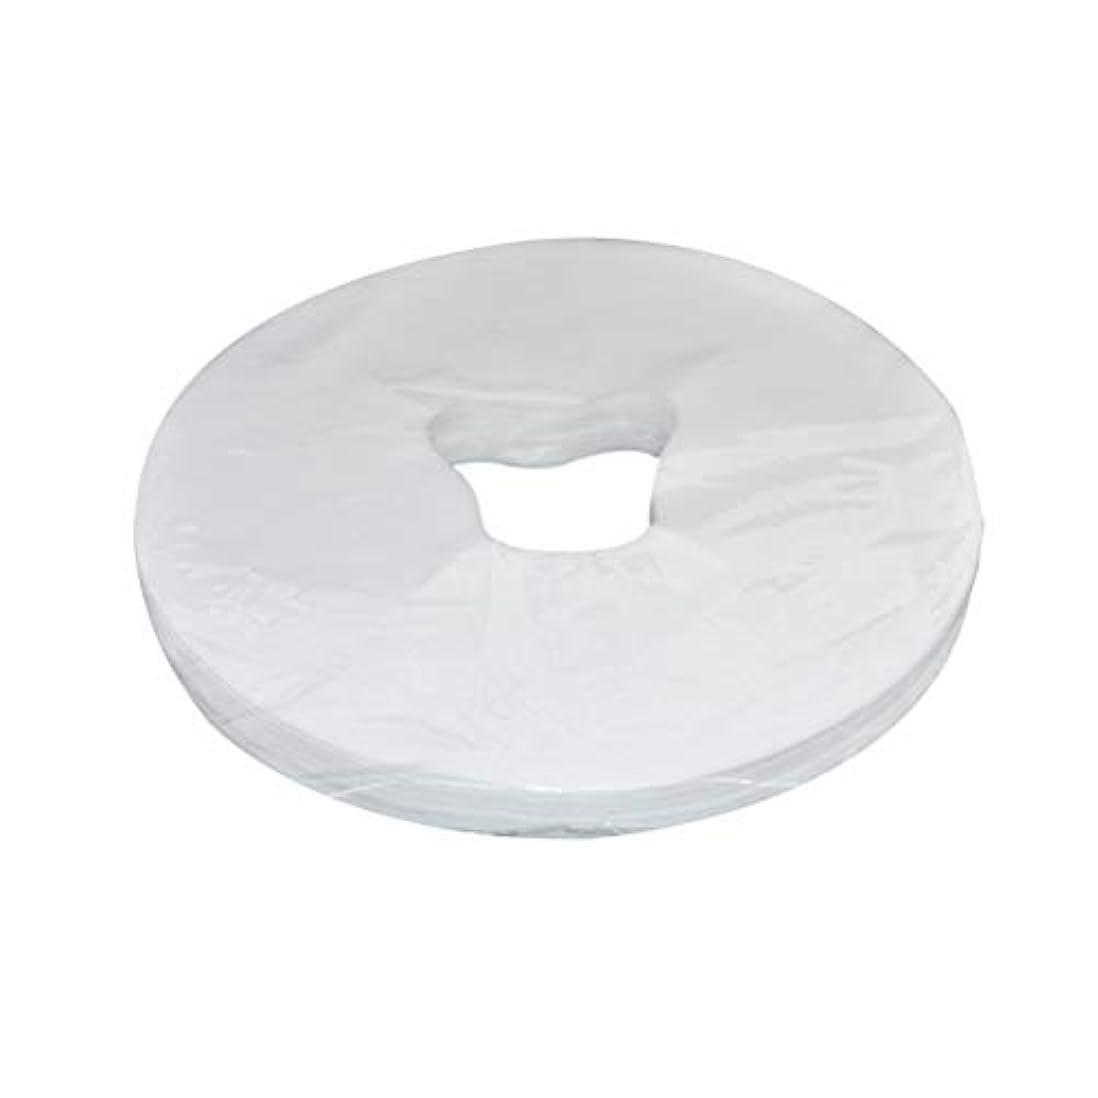 ネイティブ不規則性リンスHealifty 29x28cm使い捨てフェイスマッサージカバーフェイスホールピローパッド100枚(ホワイト)